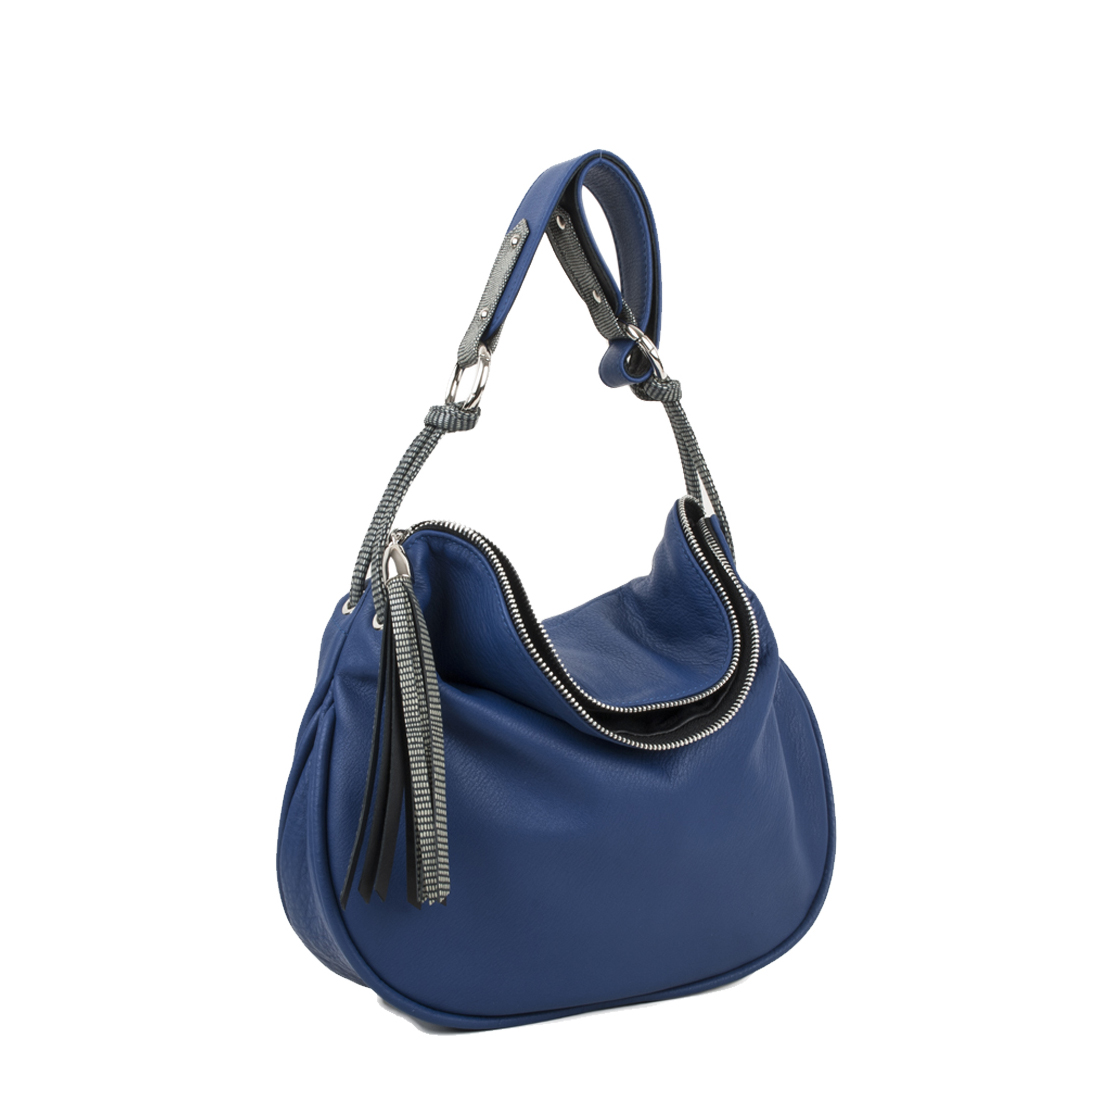 Milly Blue Leather Shoulder Bag